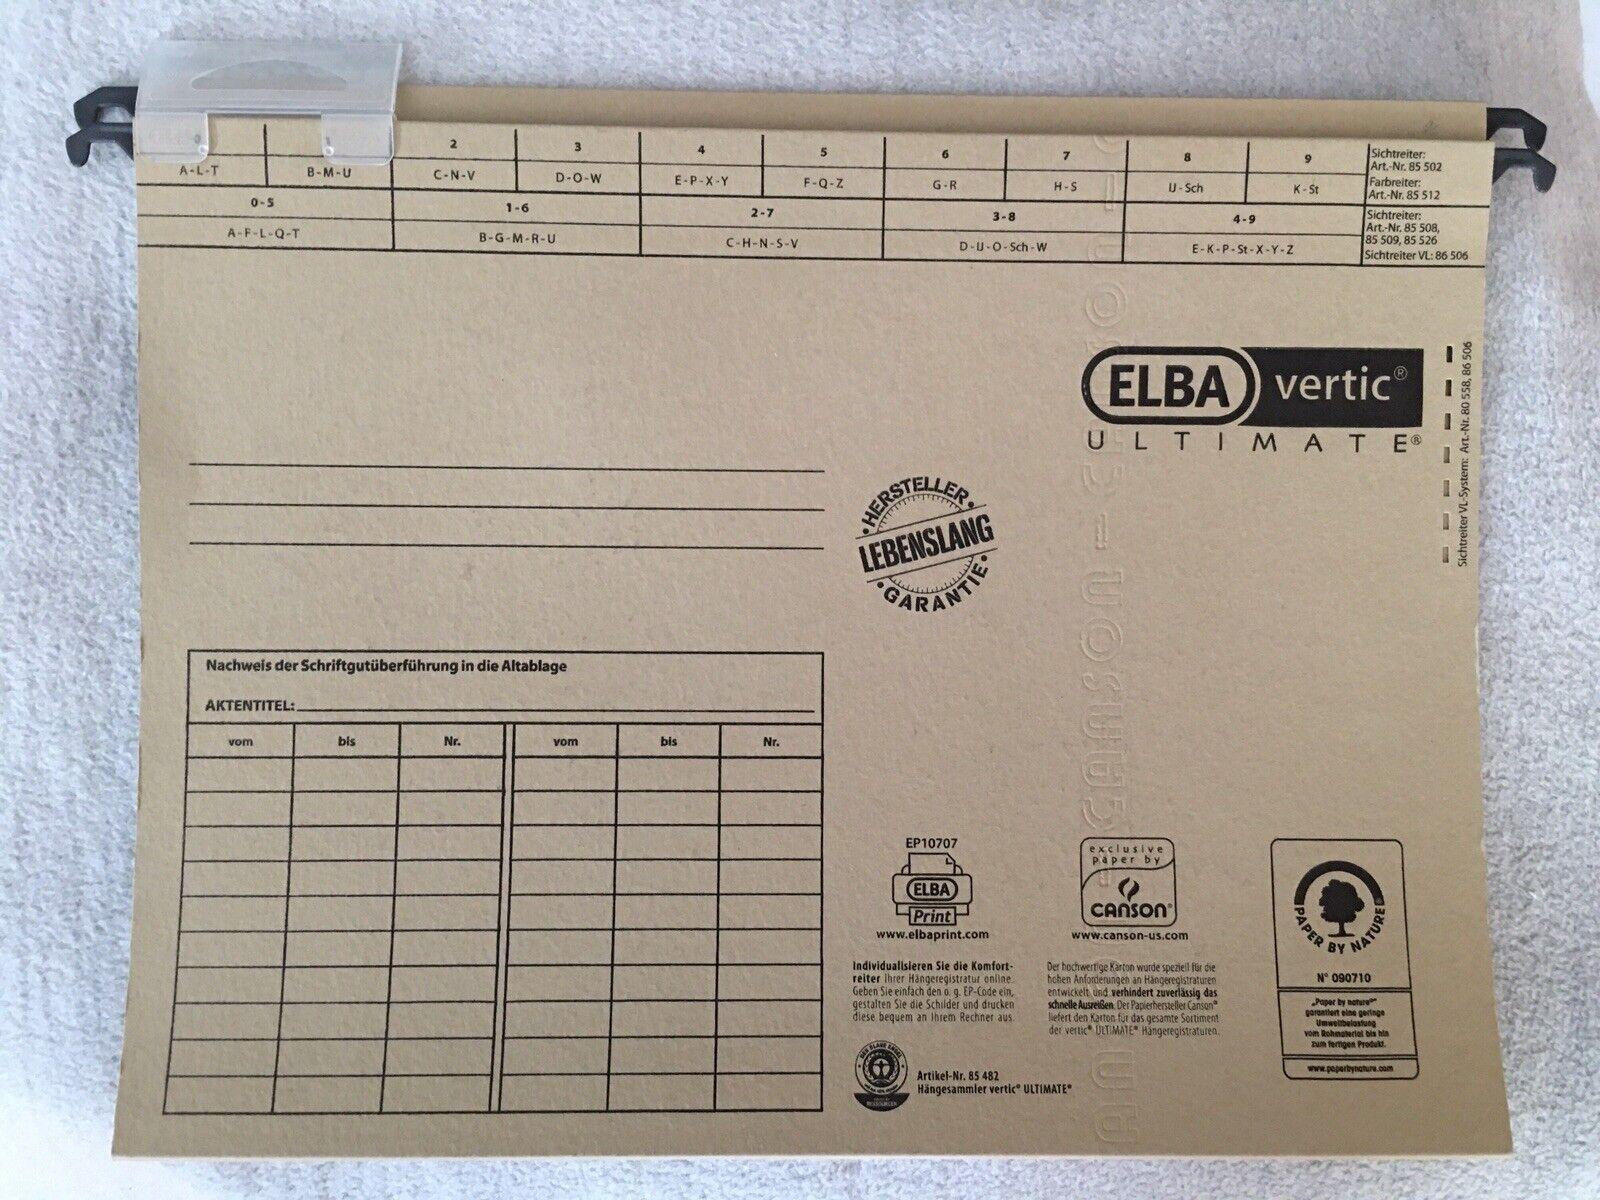 19 Hängeregister Mappen ELBA vertic ULTIMATE Artikel-Nr. 85482